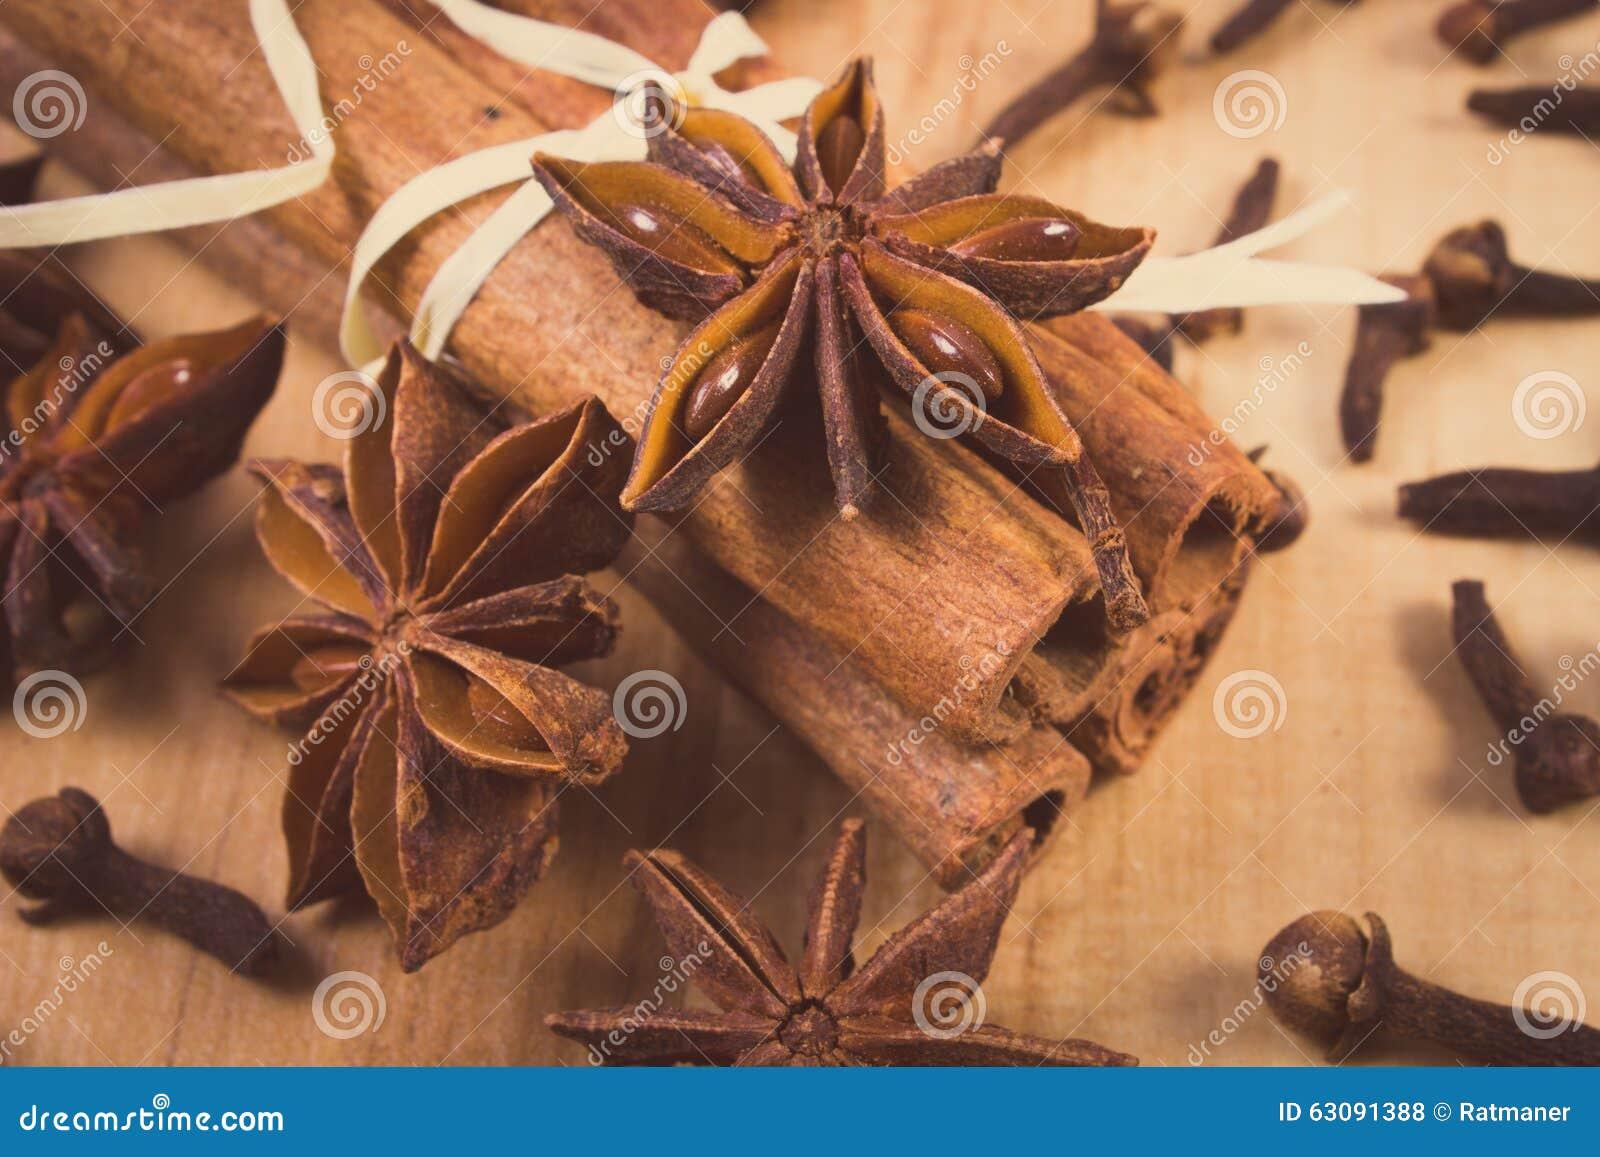 Download Photo De Vintage, Anis D'étoile, Bâtons De Cannelle Et Clous De Girofle Sur La Table En Bois, Assaisonnant Pour La Cuisson Photo stock - Image du cannelle, nutrition: 63091388